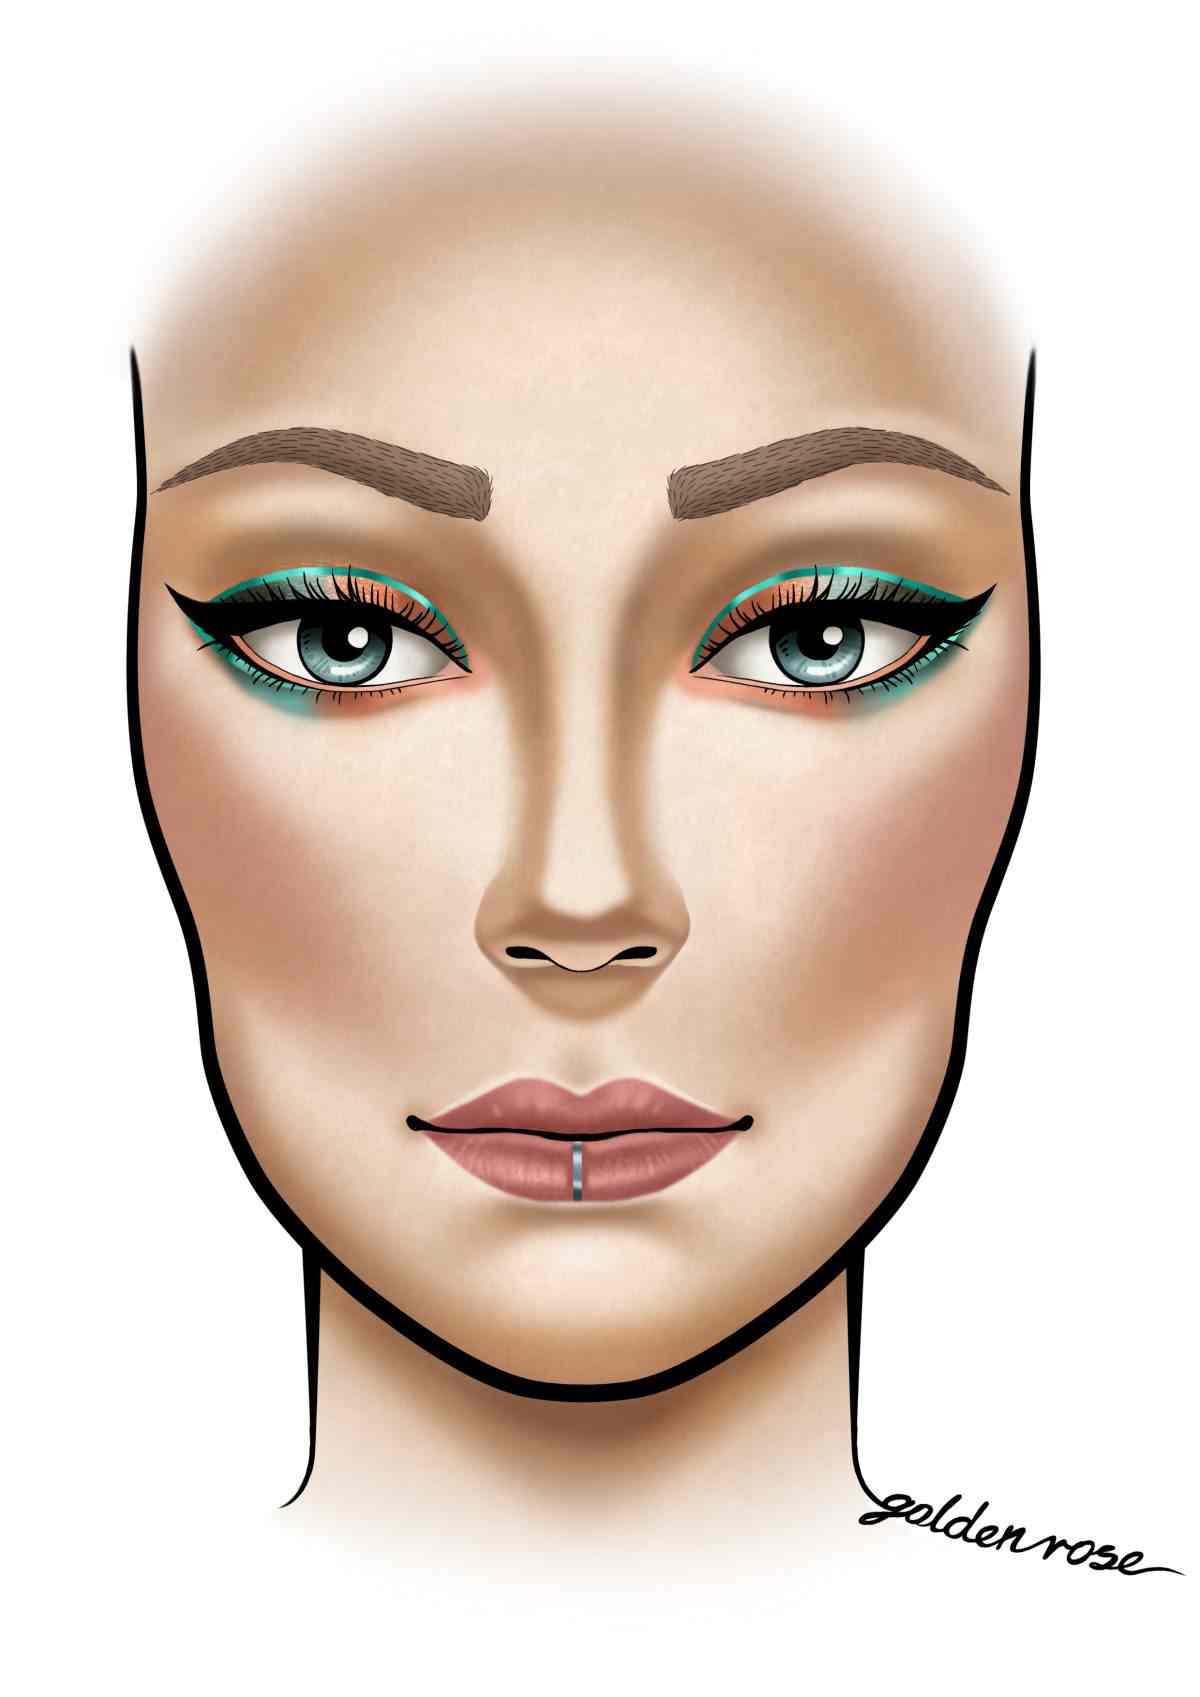 Kolorowy makijaż inspirowany facechartem – konkurs Instagramowy Zaprezentuj swój wakacyjny look.